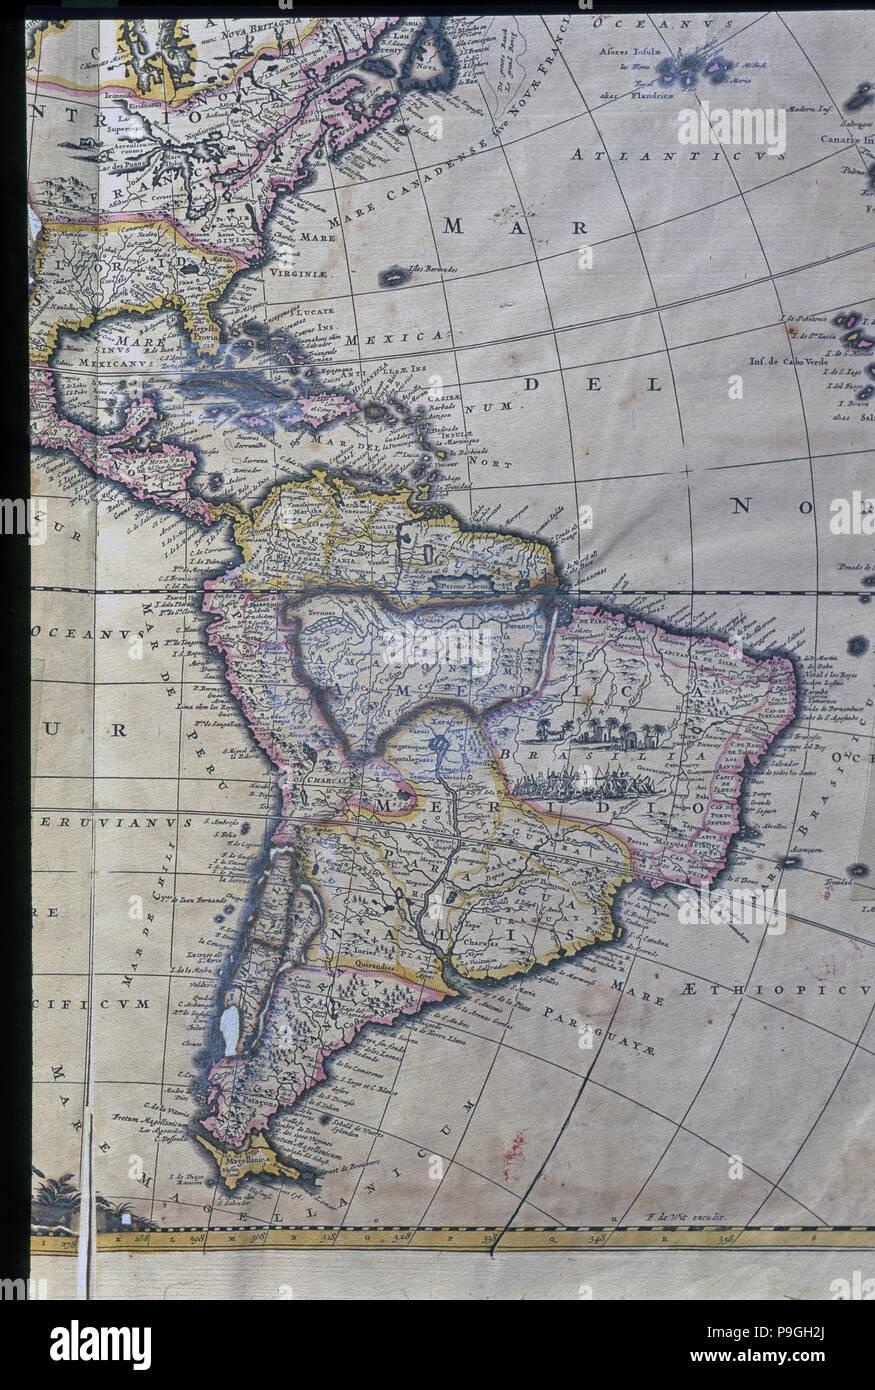 Carte Amerique Du Sud Et Amerique Centrale.La Carte De L Amerique Du Sud Caraibes Amerique Centrale Et La